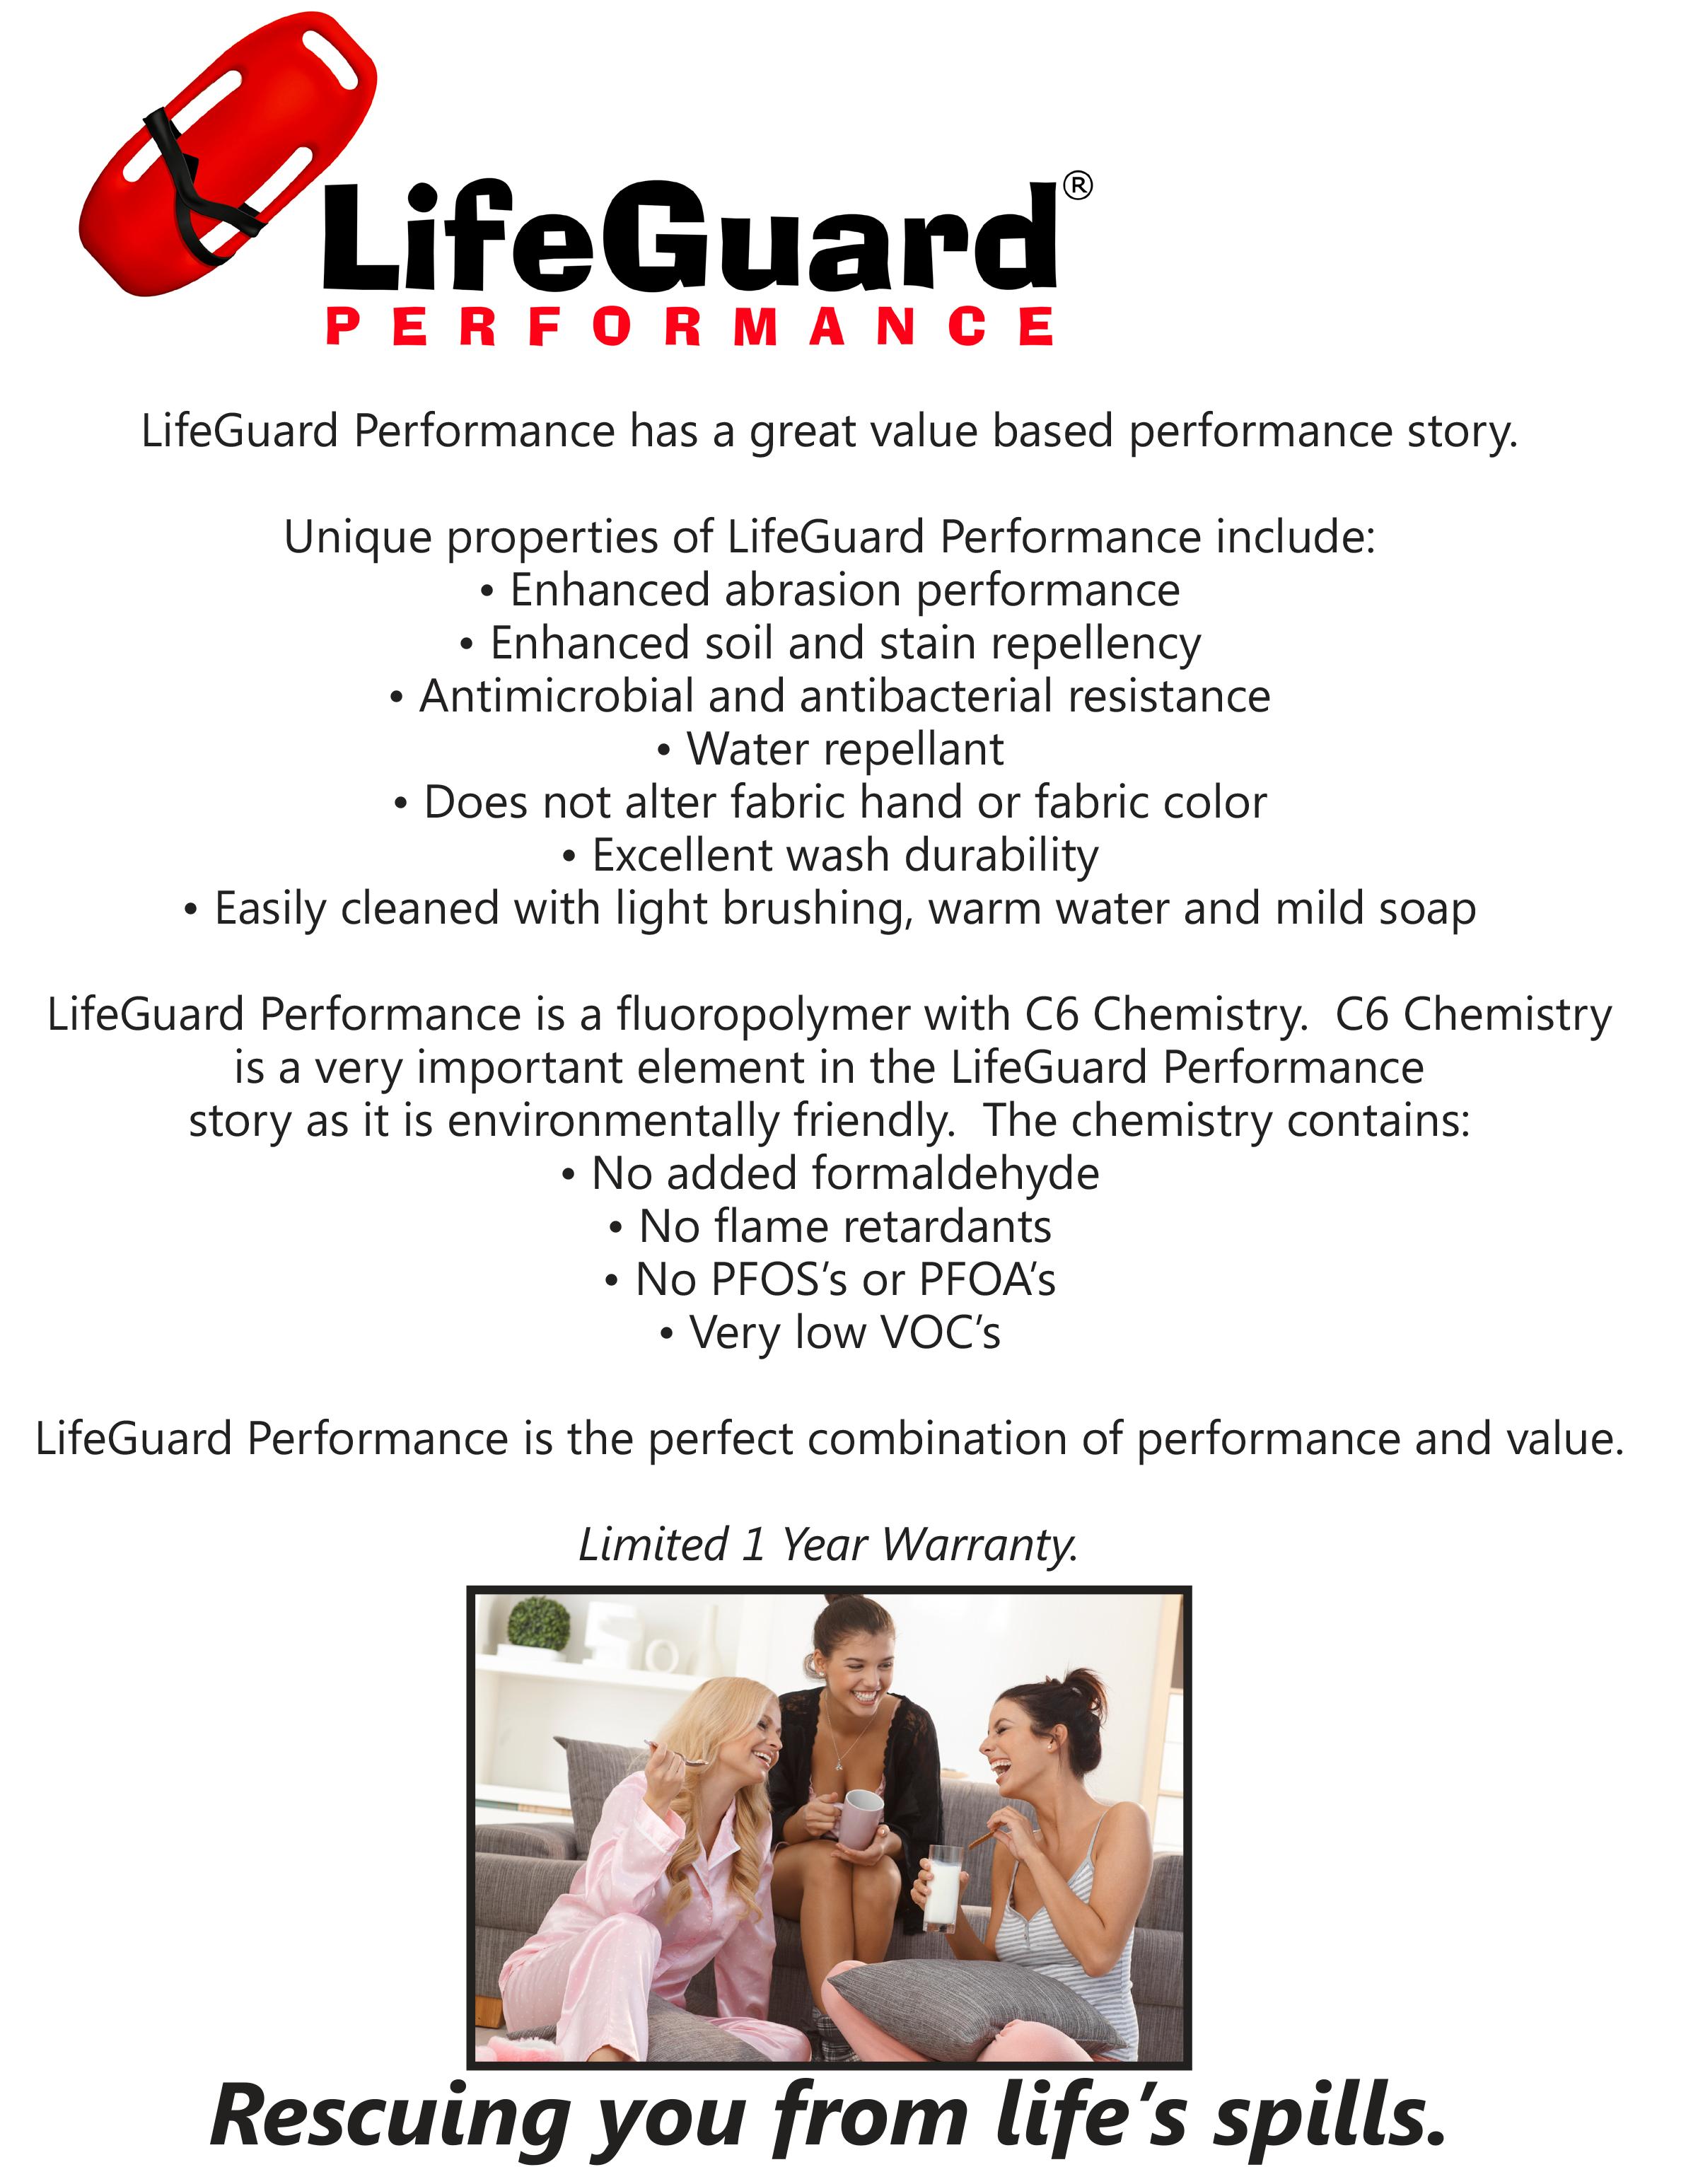 Lifeguard Performance